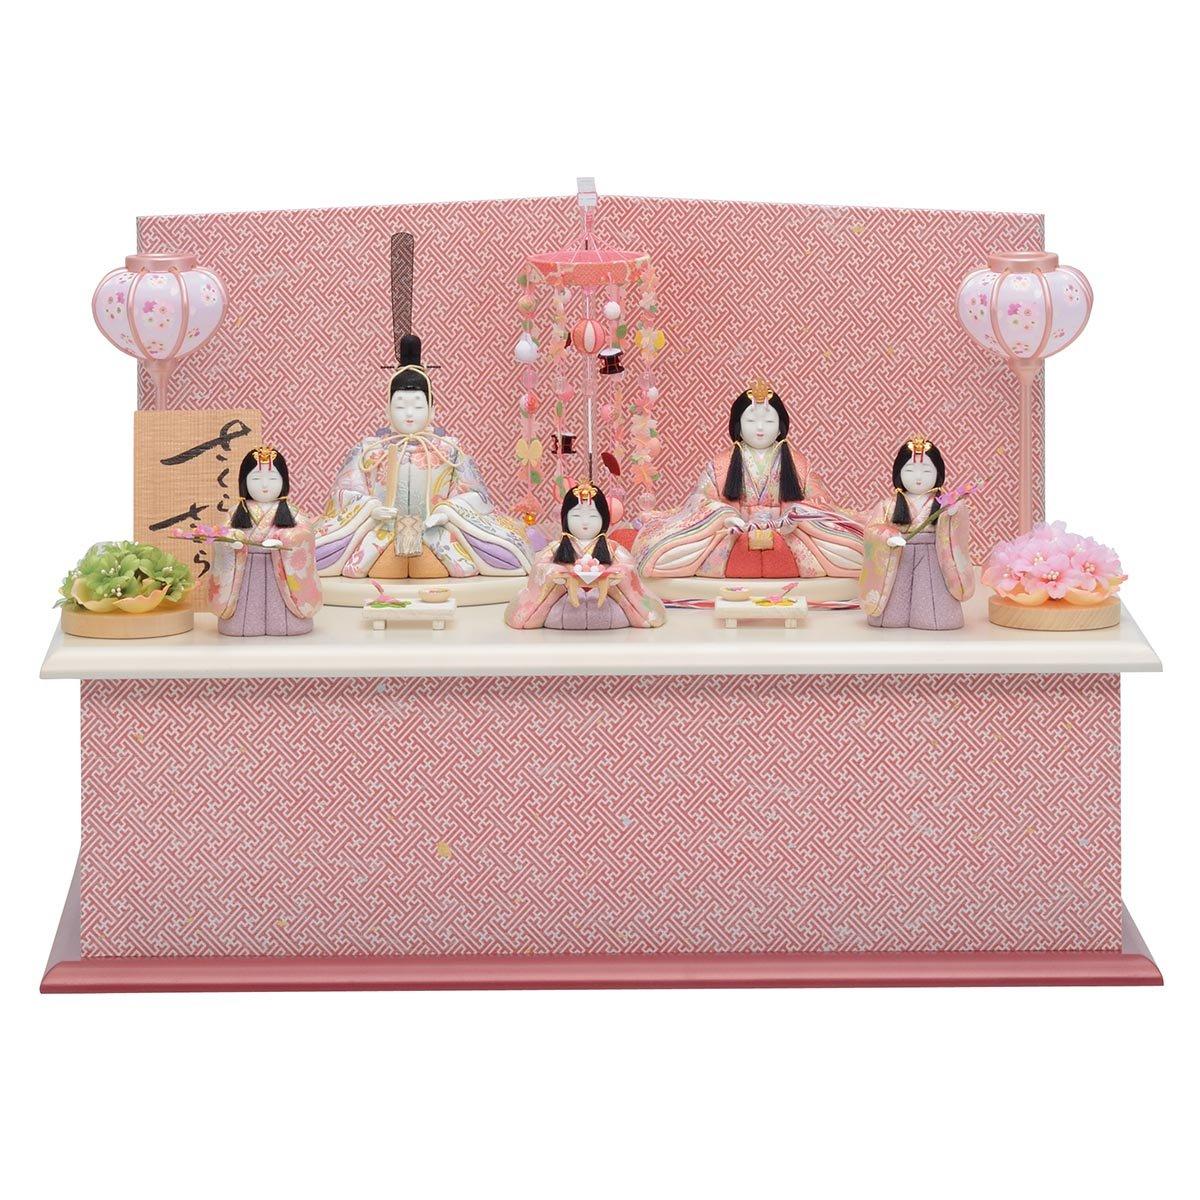 雛人形 一秀 さくらさくら 五人飾り 20-1号 桐収納飾り HNIS-C-117 木目込み ひな人形 コンパクト   B078K5J43M